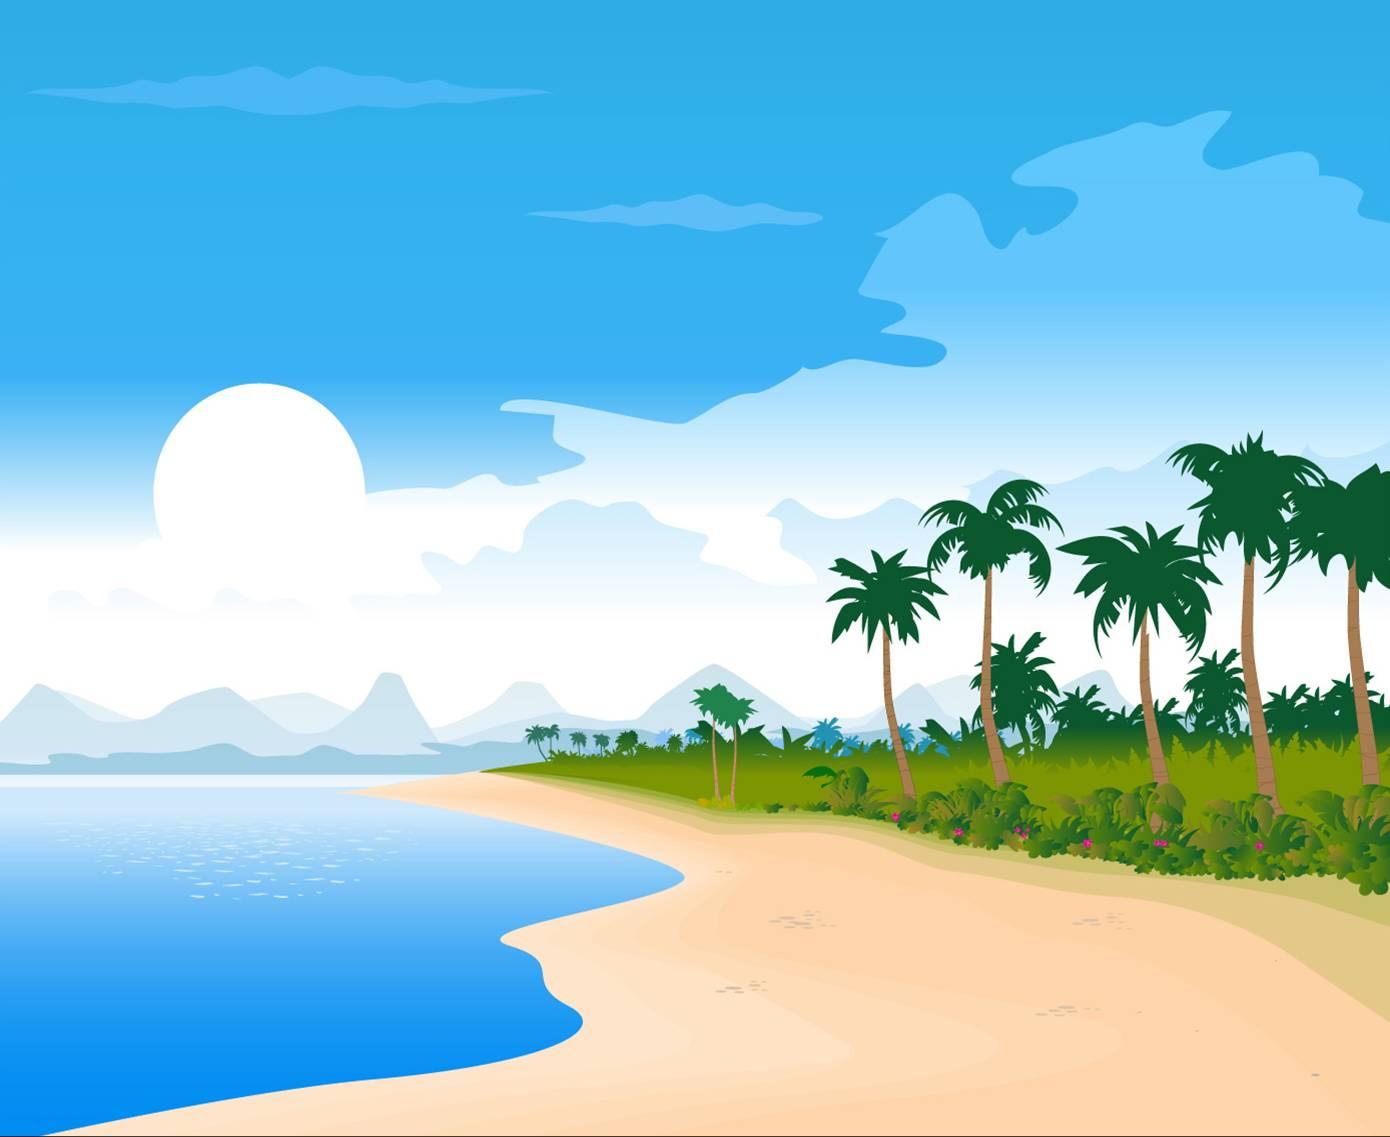 Beach clipart tropical beach.